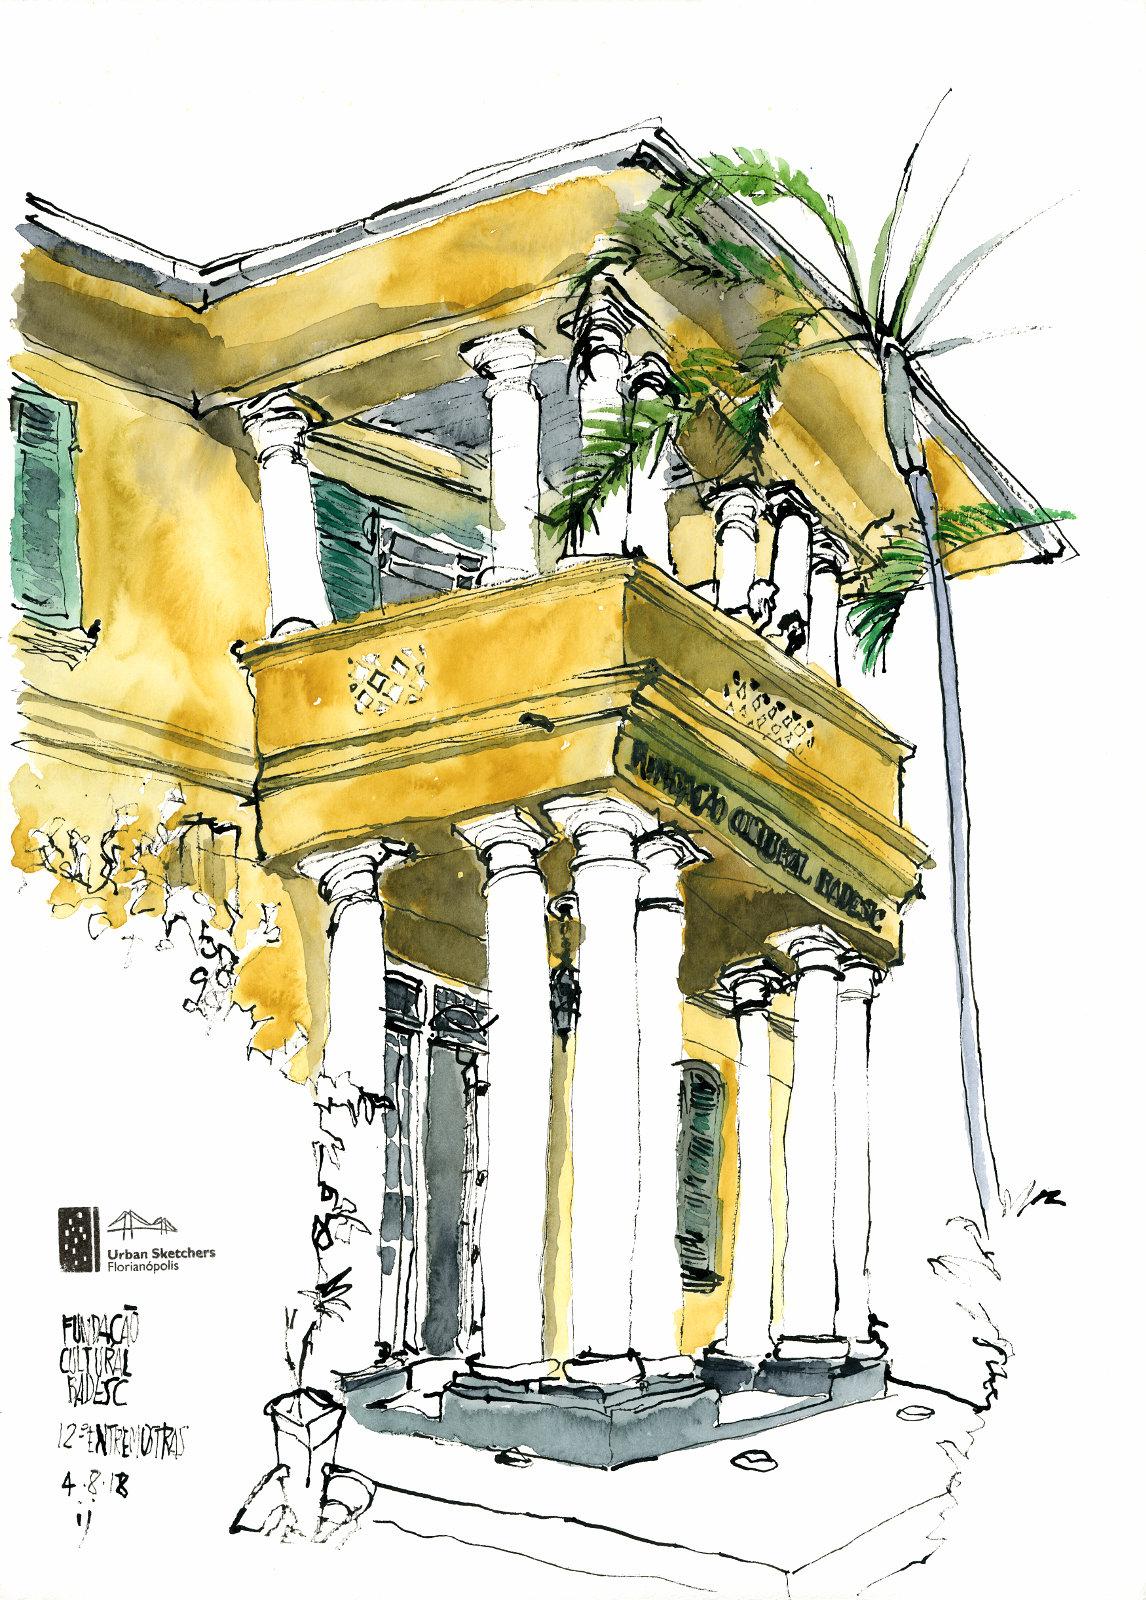 Desenho a traço colorido com aquarela da fachada da Fundação Cultural Badesc, mostrando o frontão com a sacada sustentada por colunas